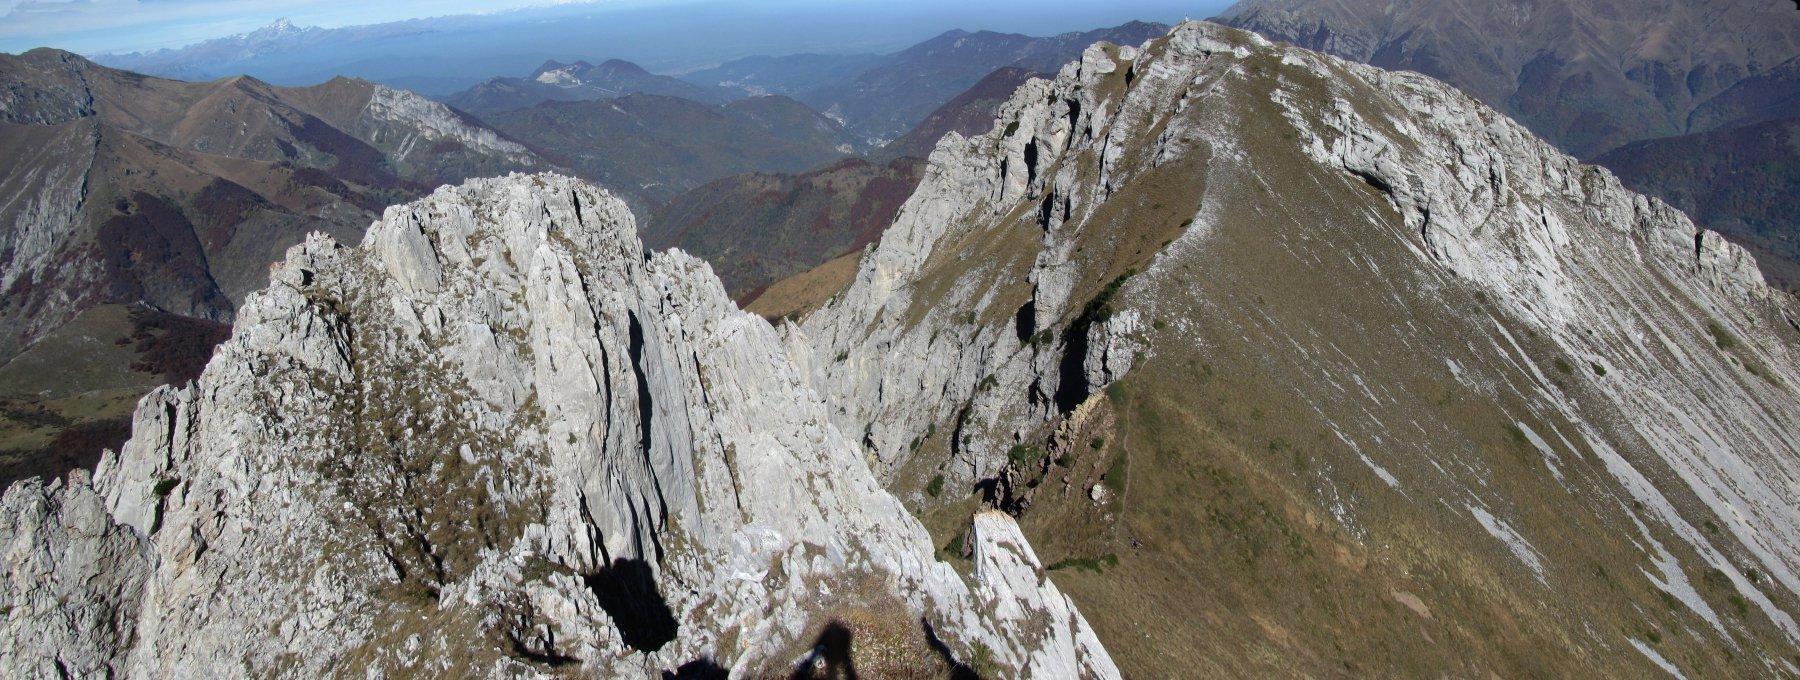 la cresta tra Bec Baral e Bec Matlas vista dalla cima del Matlas